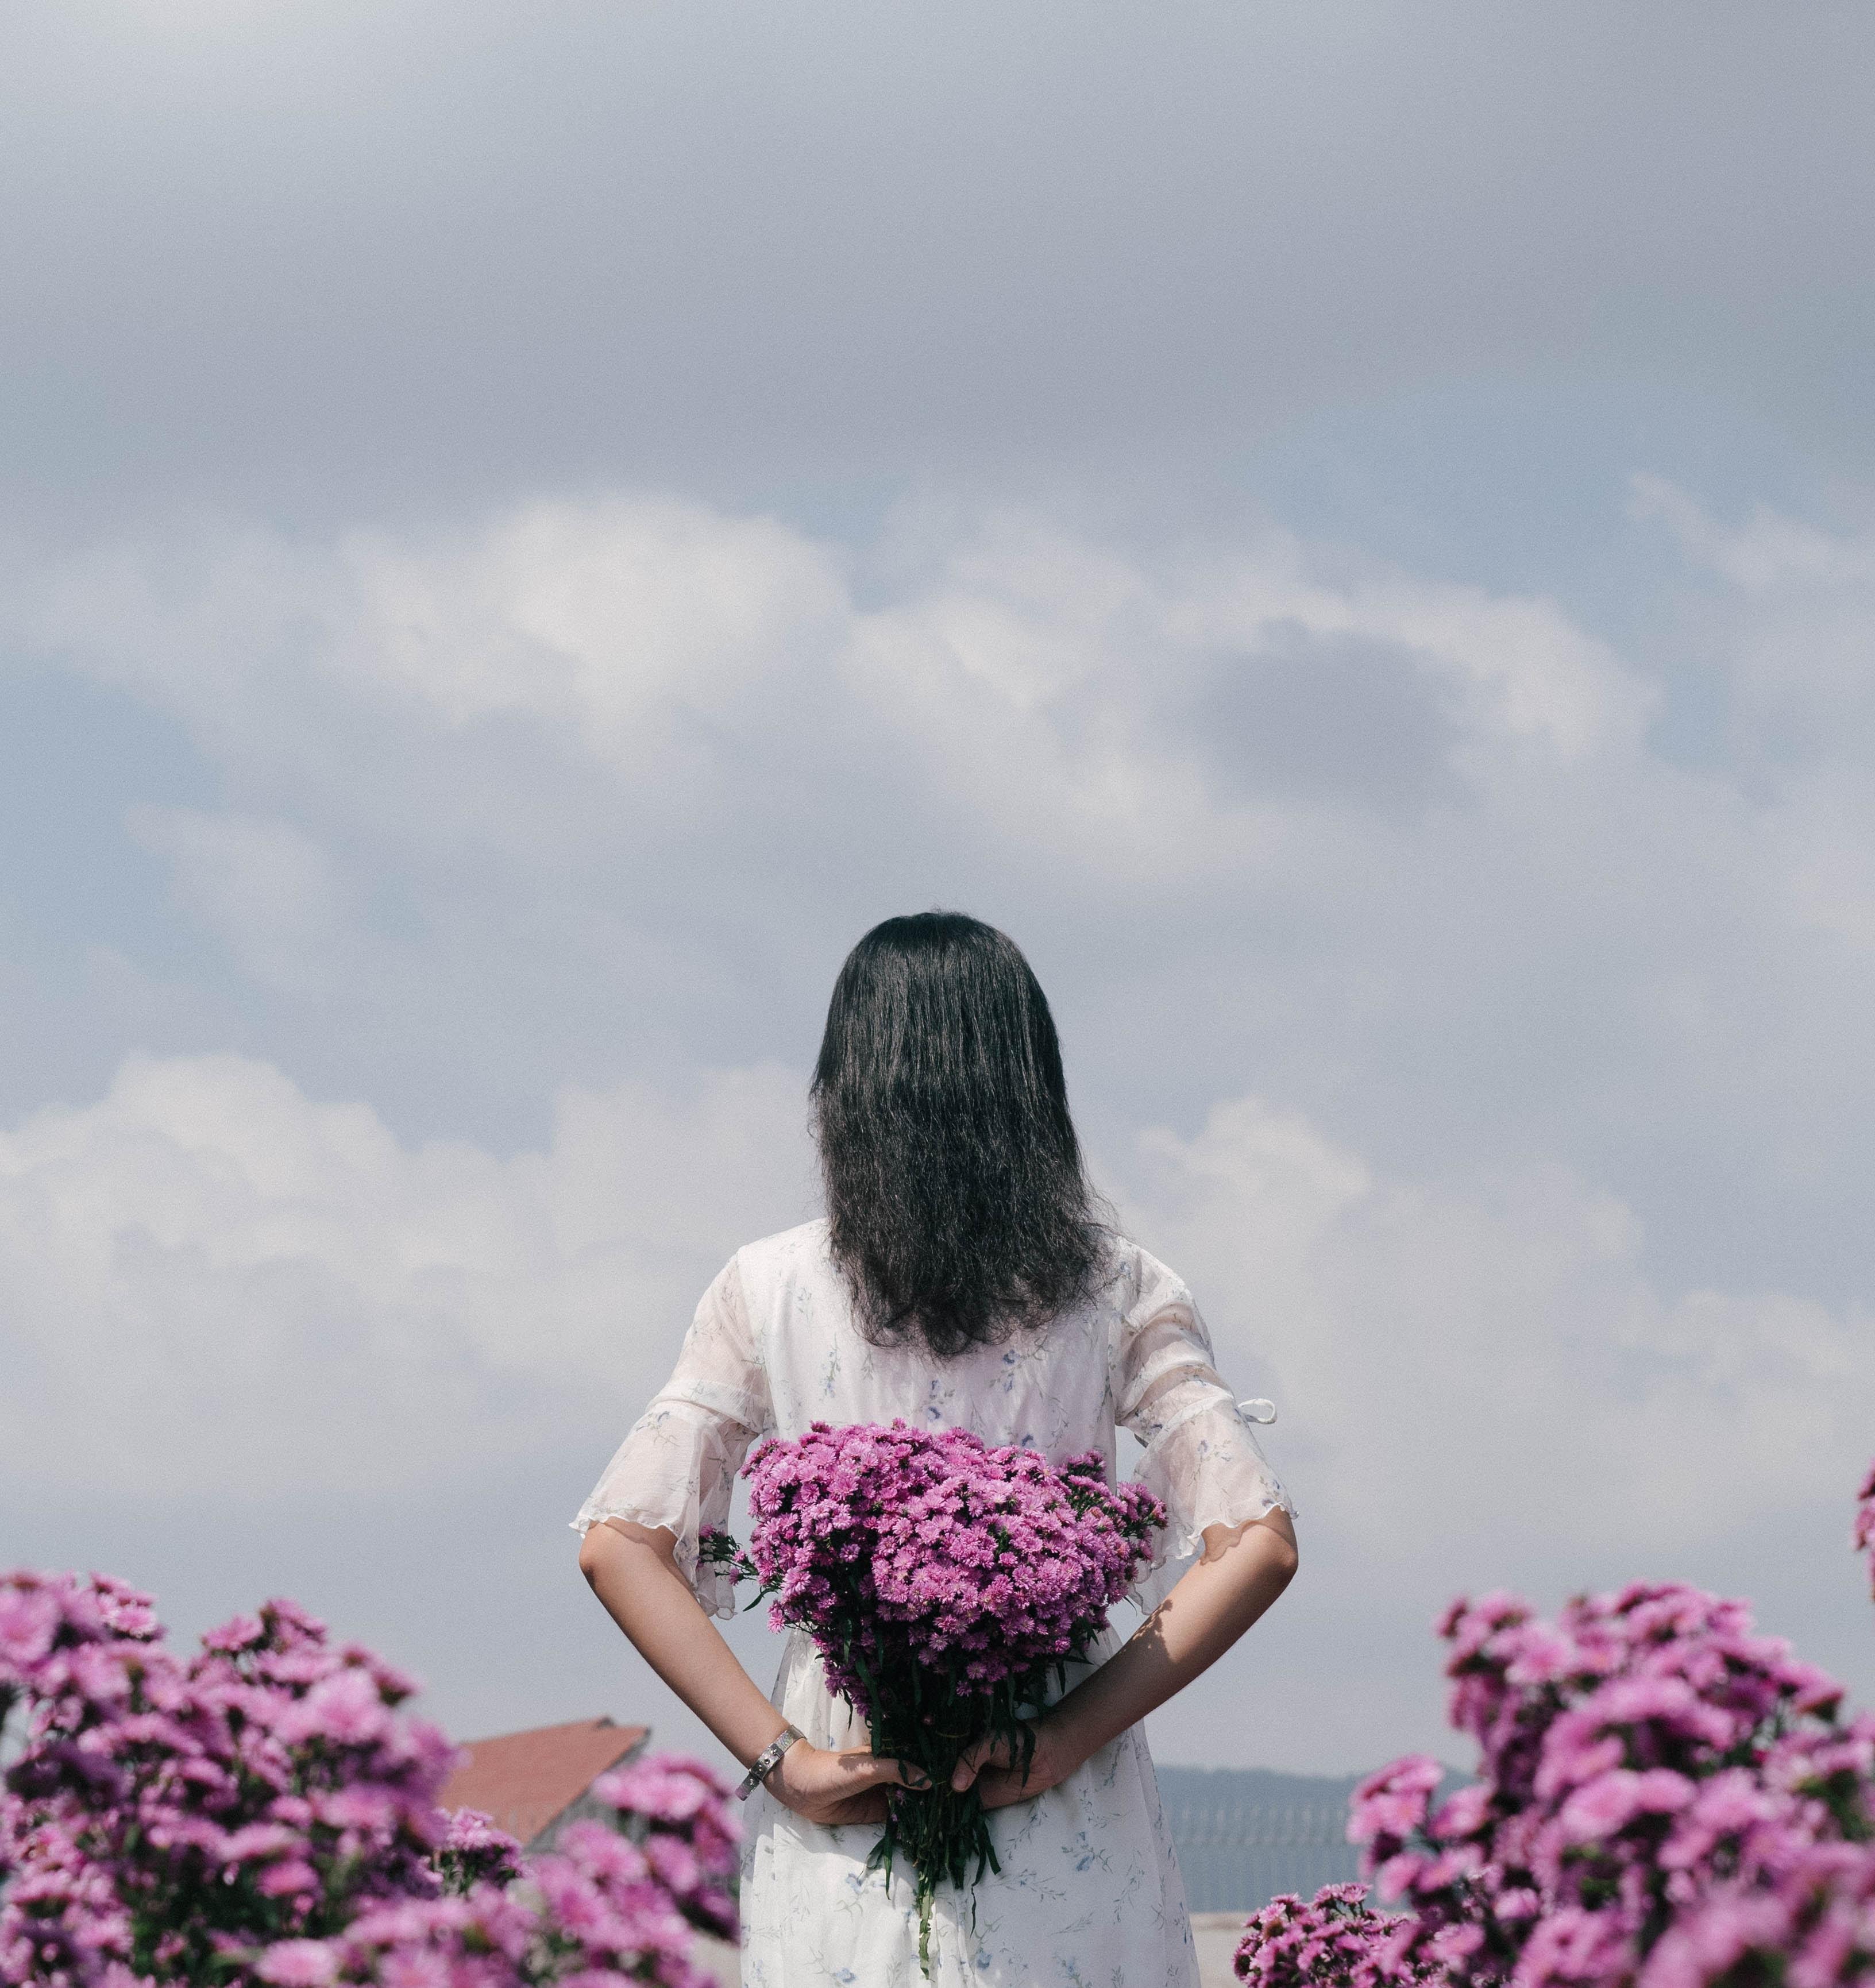 79597 скачать обои Разное, Девушка, Букет, Фиолетовый, Цветы - заставки и картинки бесплатно